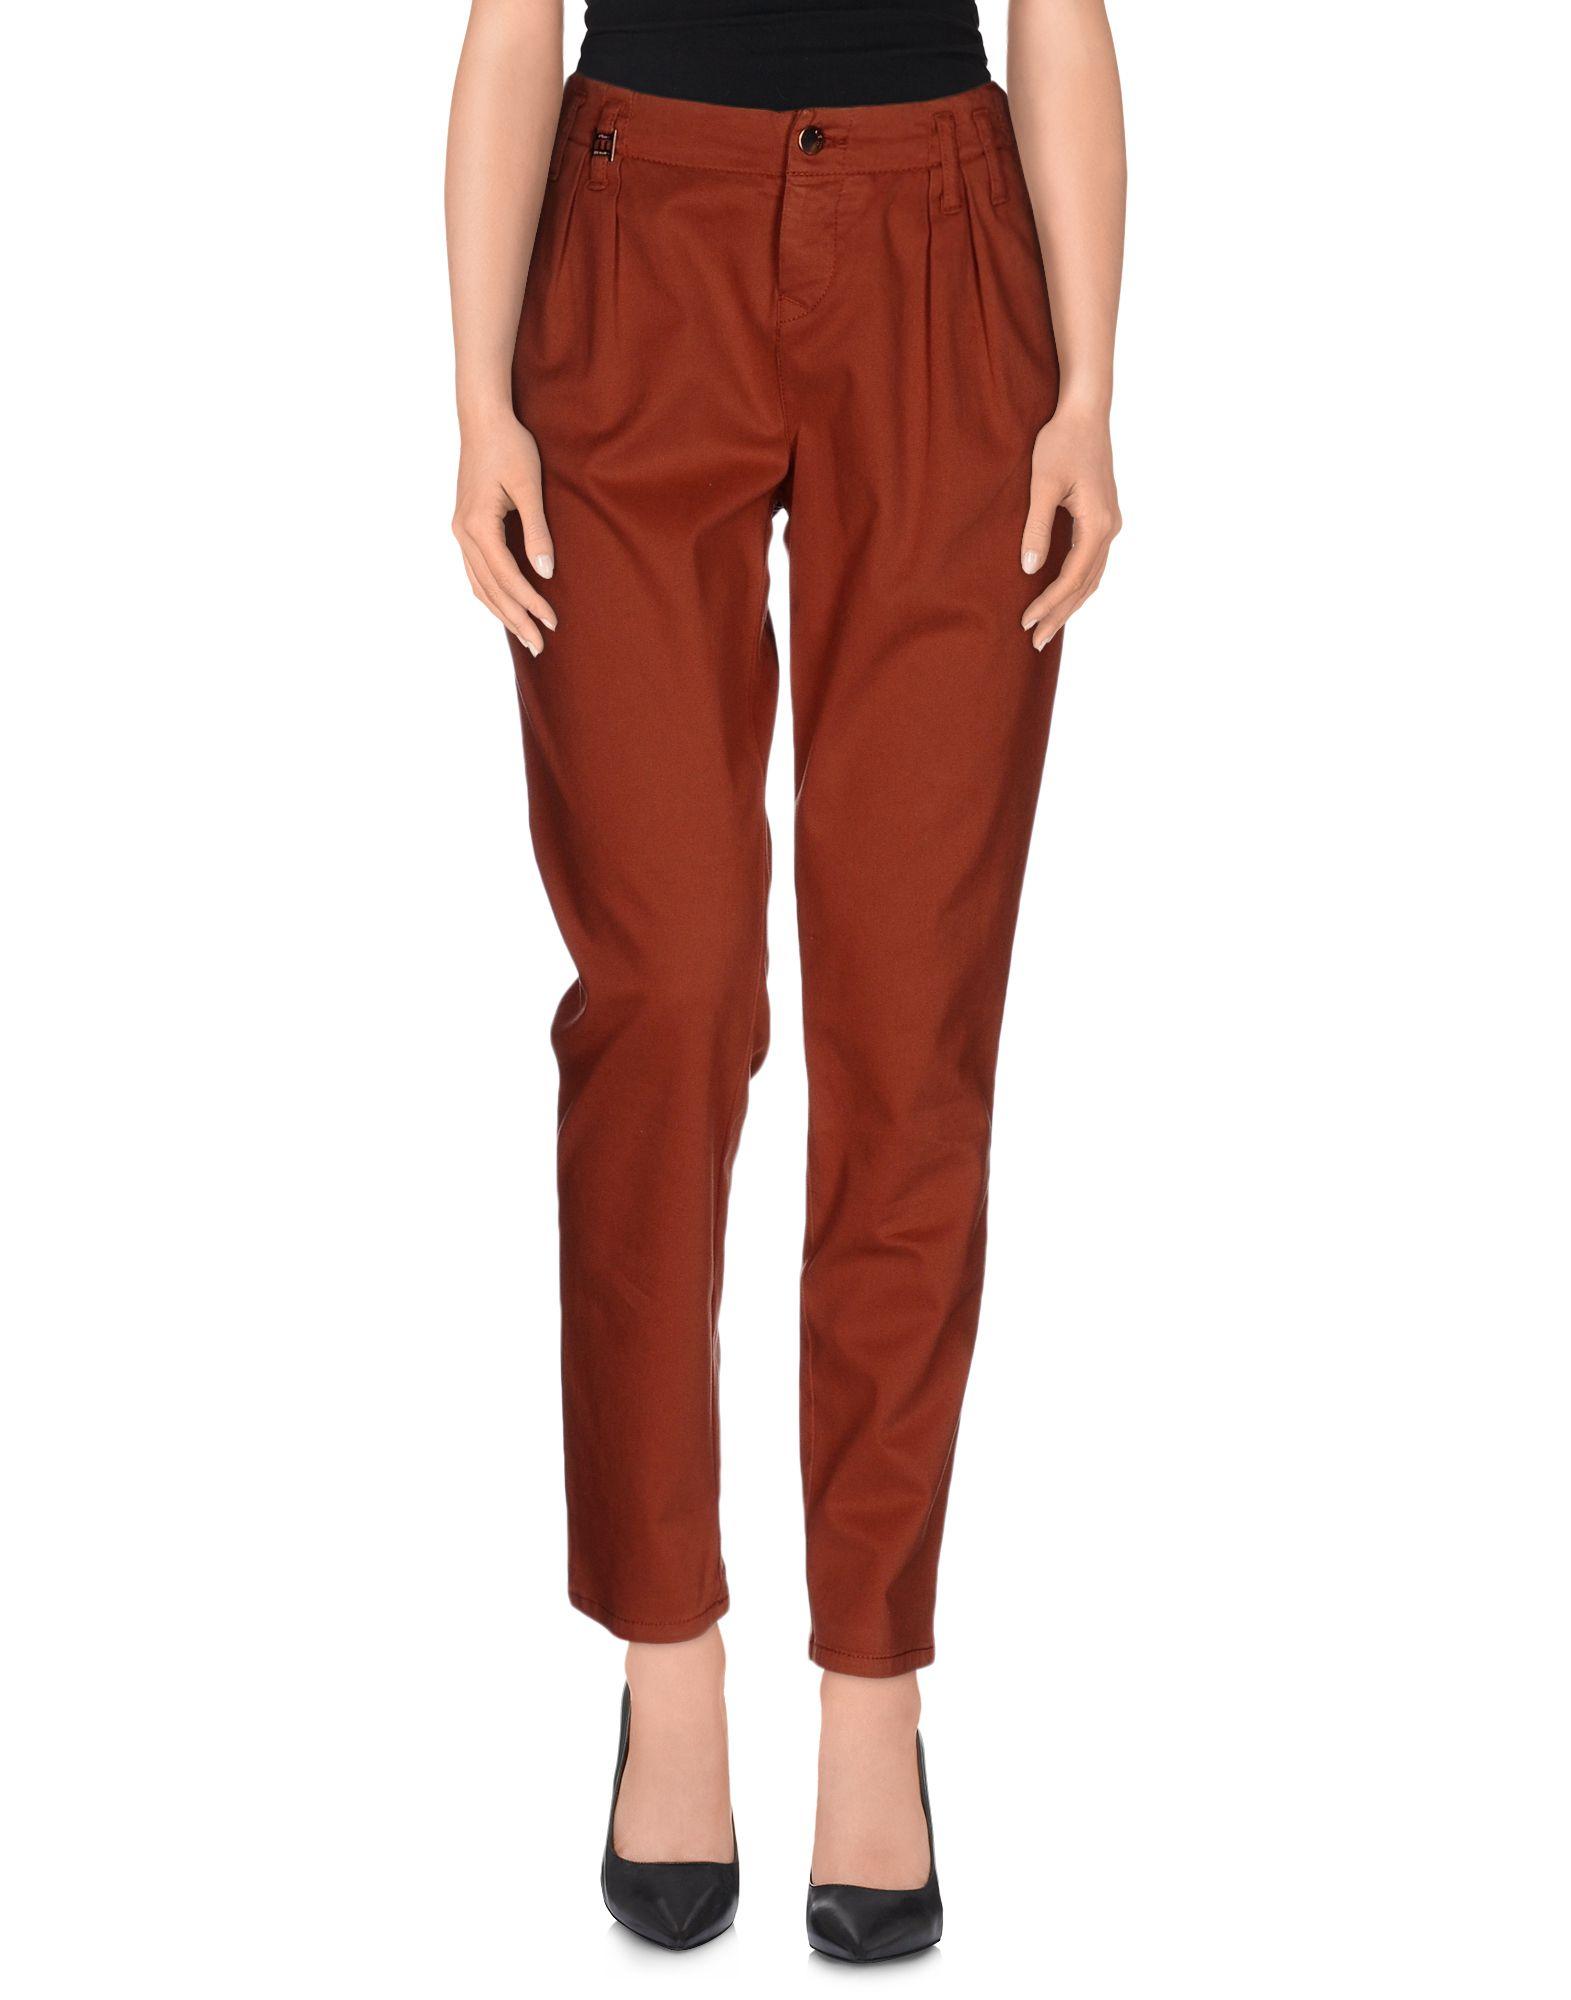 MET JEANS Повседневные брюки flare jeans повседневные брюки